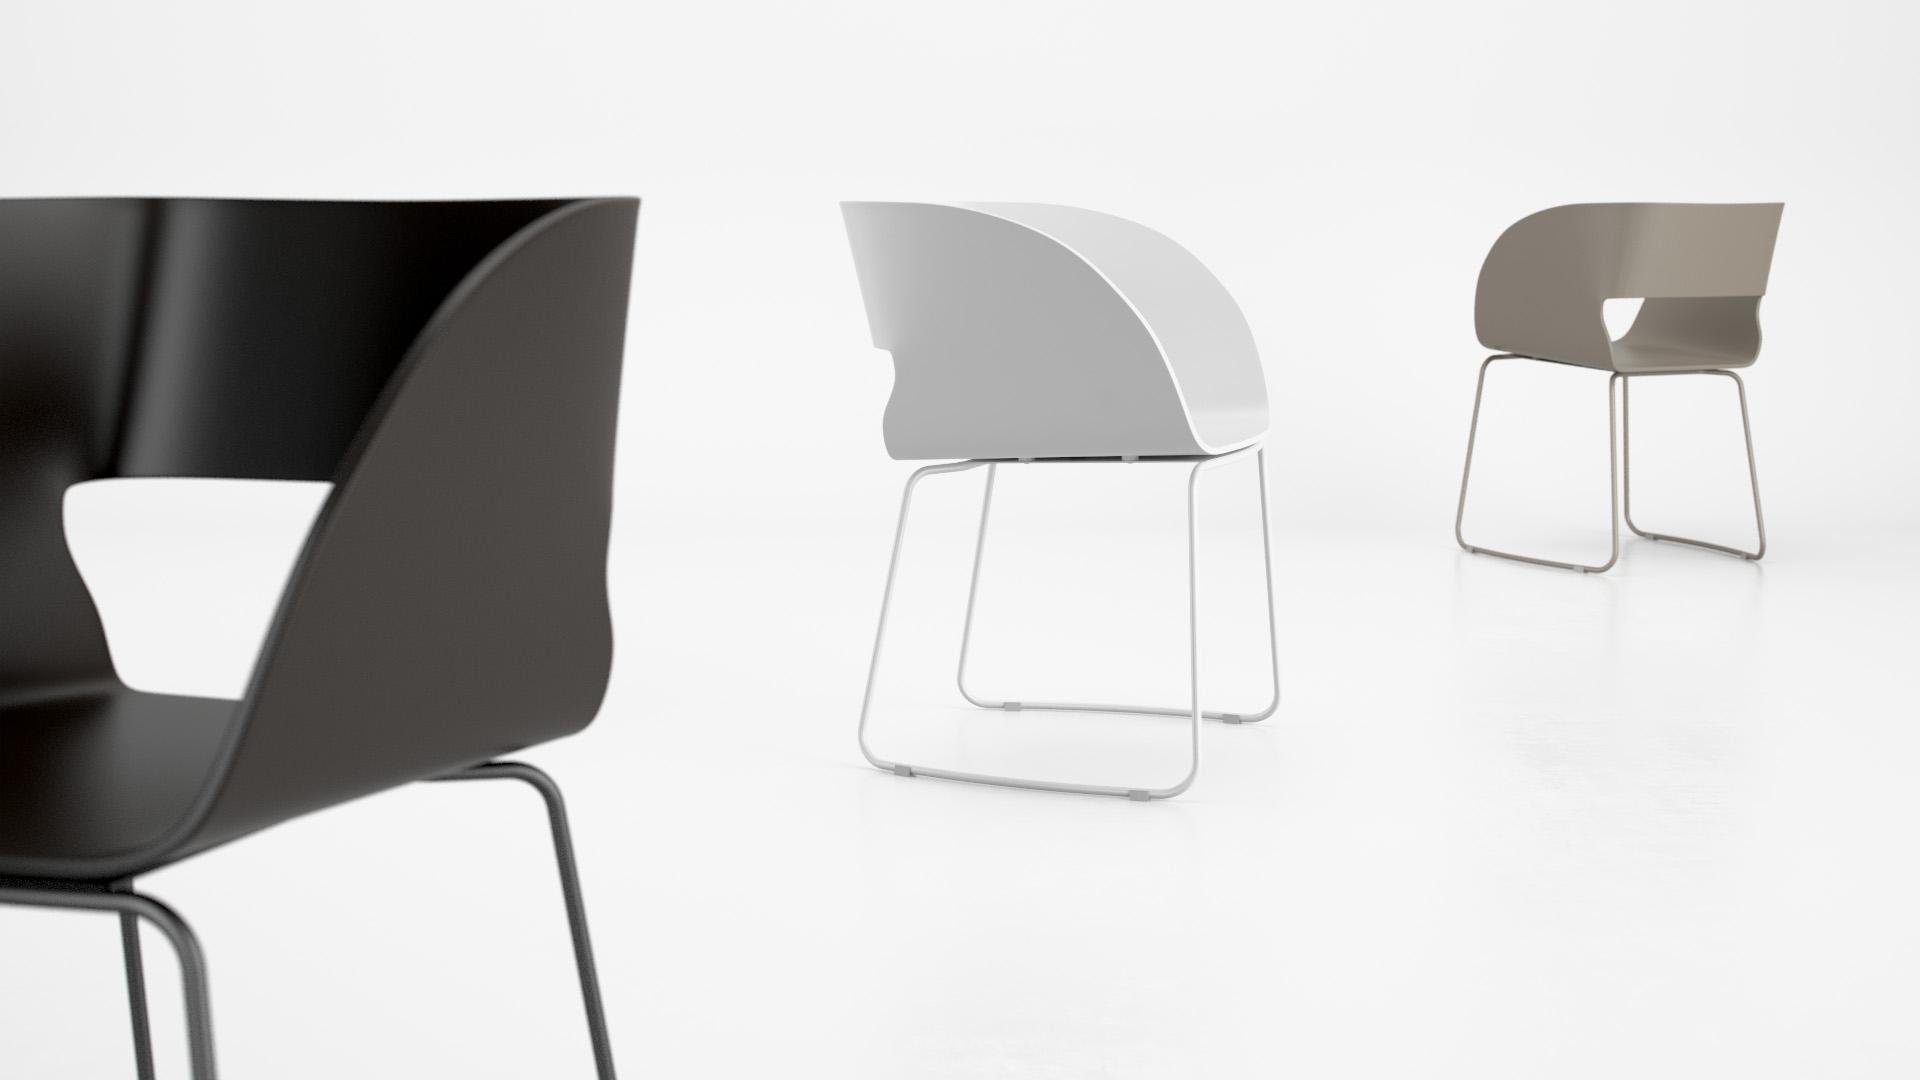 Vintage_Chair_SledLegs_WhiteSet_01_0005